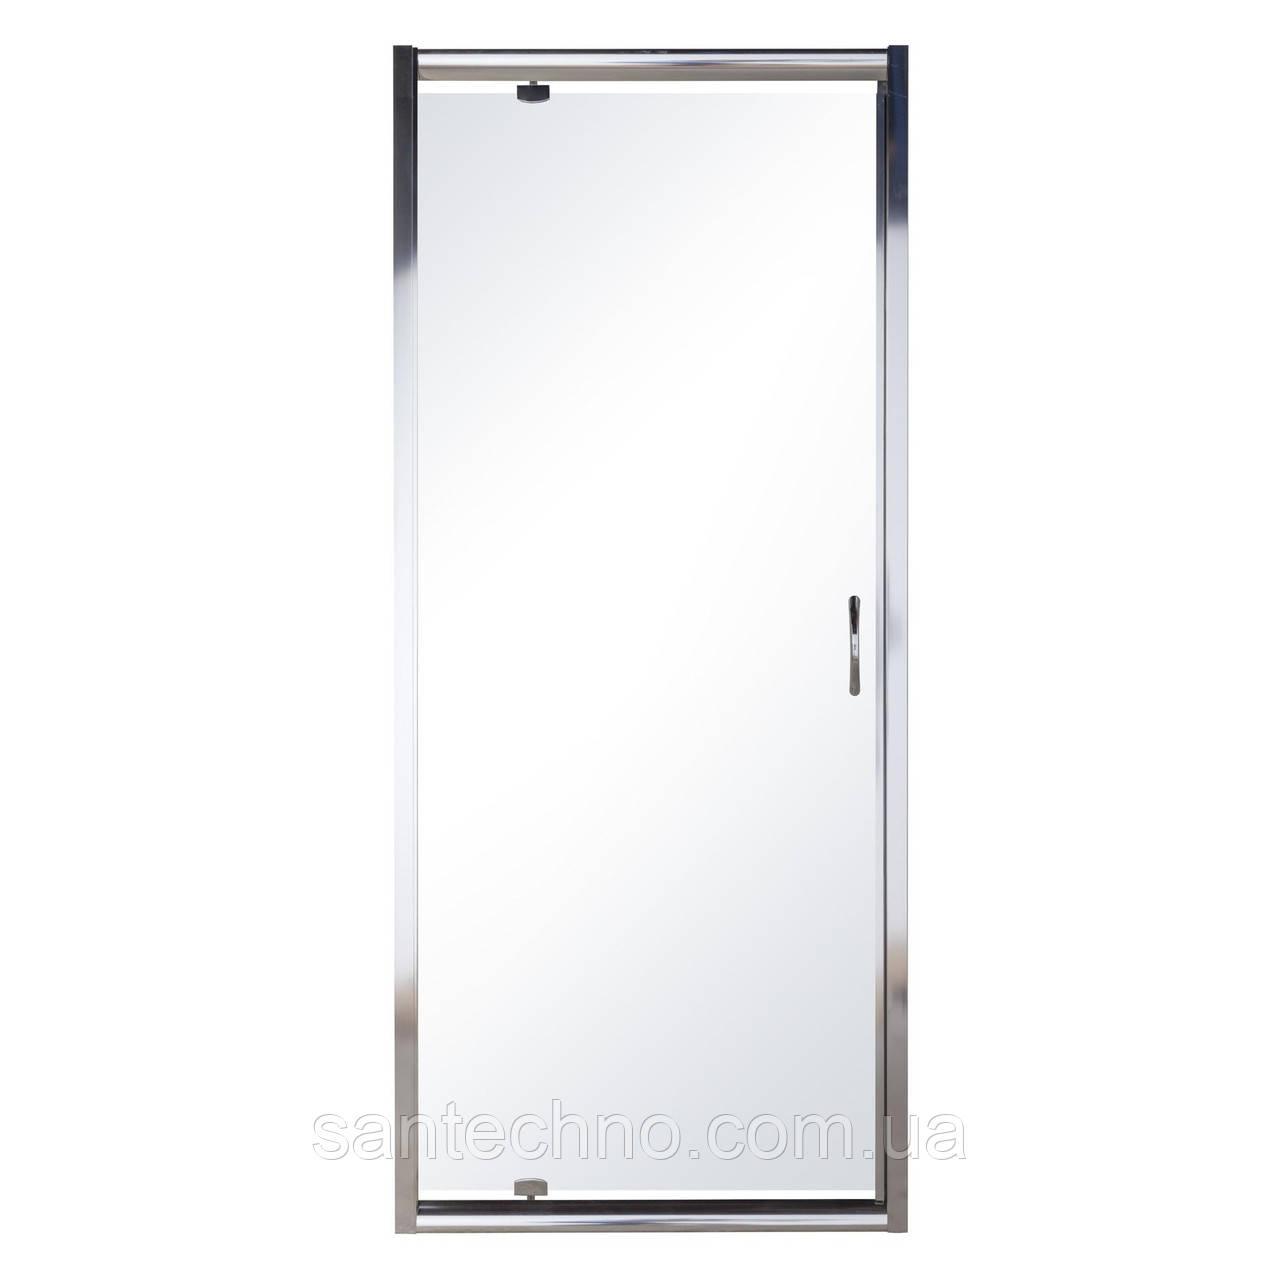 Дверь в нишу распашная 80*185 хром прозрачная